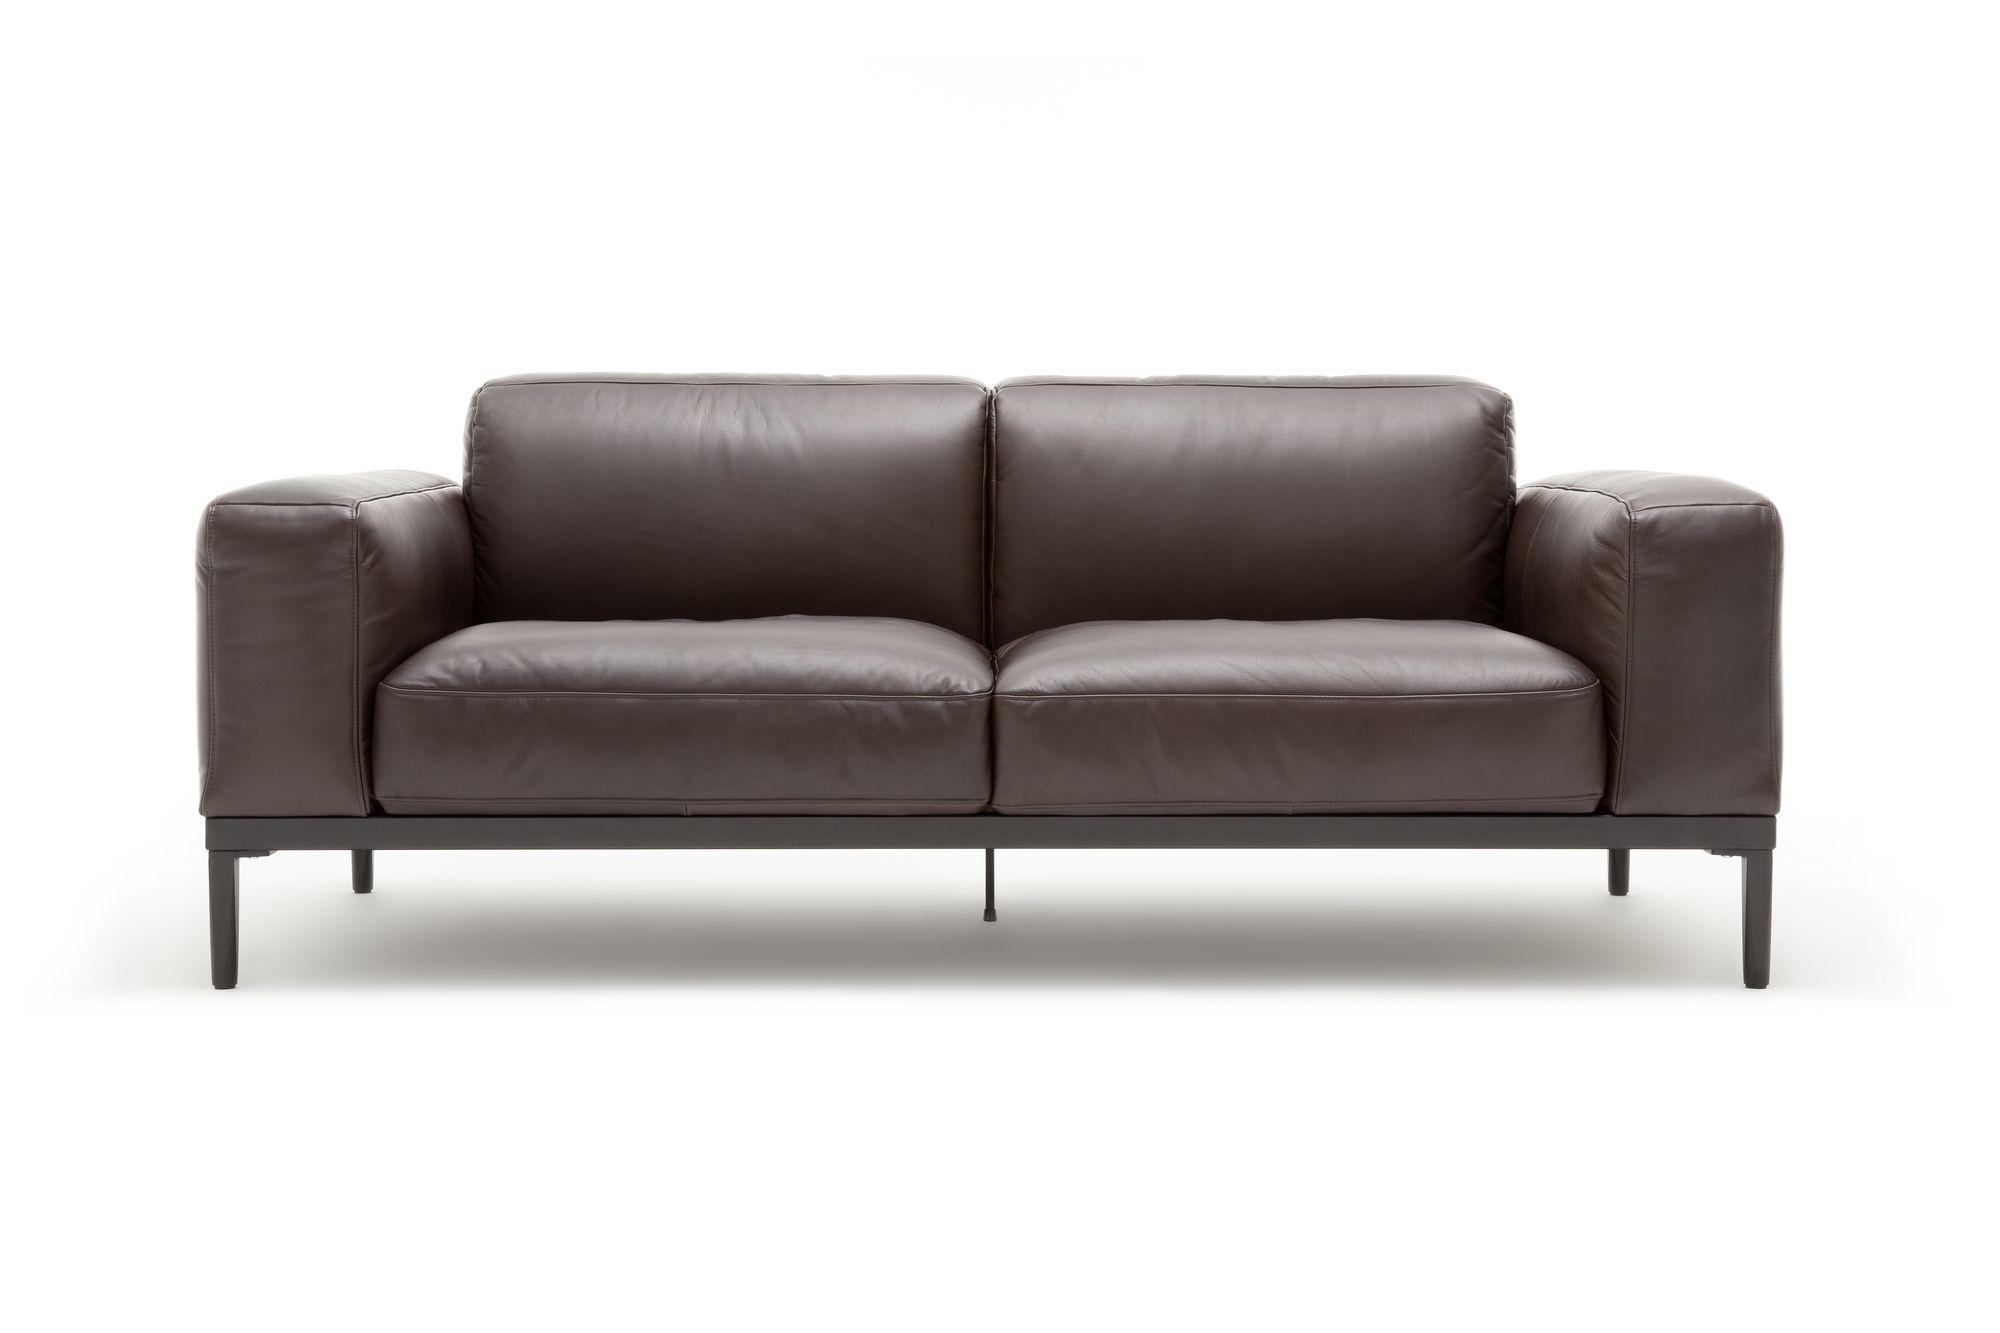 rolf benz sofa historie freistil 167 rolf benz ecksofa im naturbelassenen leder. Black Bedroom Furniture Sets. Home Design Ideas